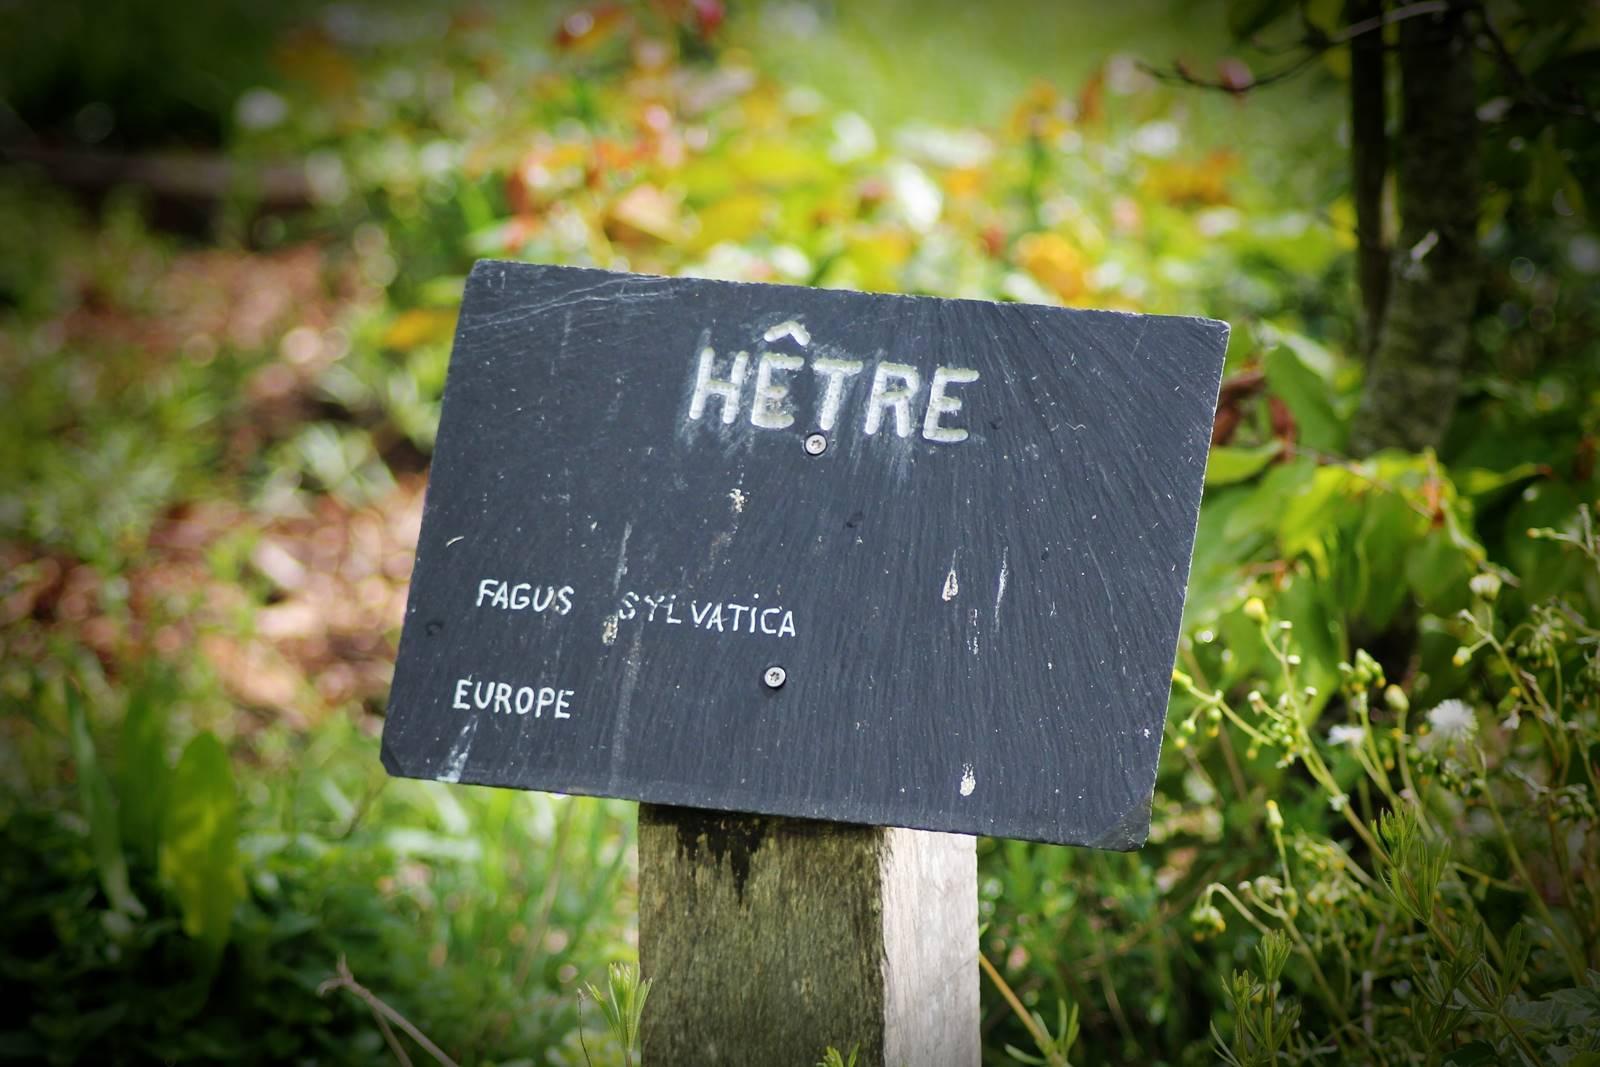 Arboretum sophie trebuchet 5